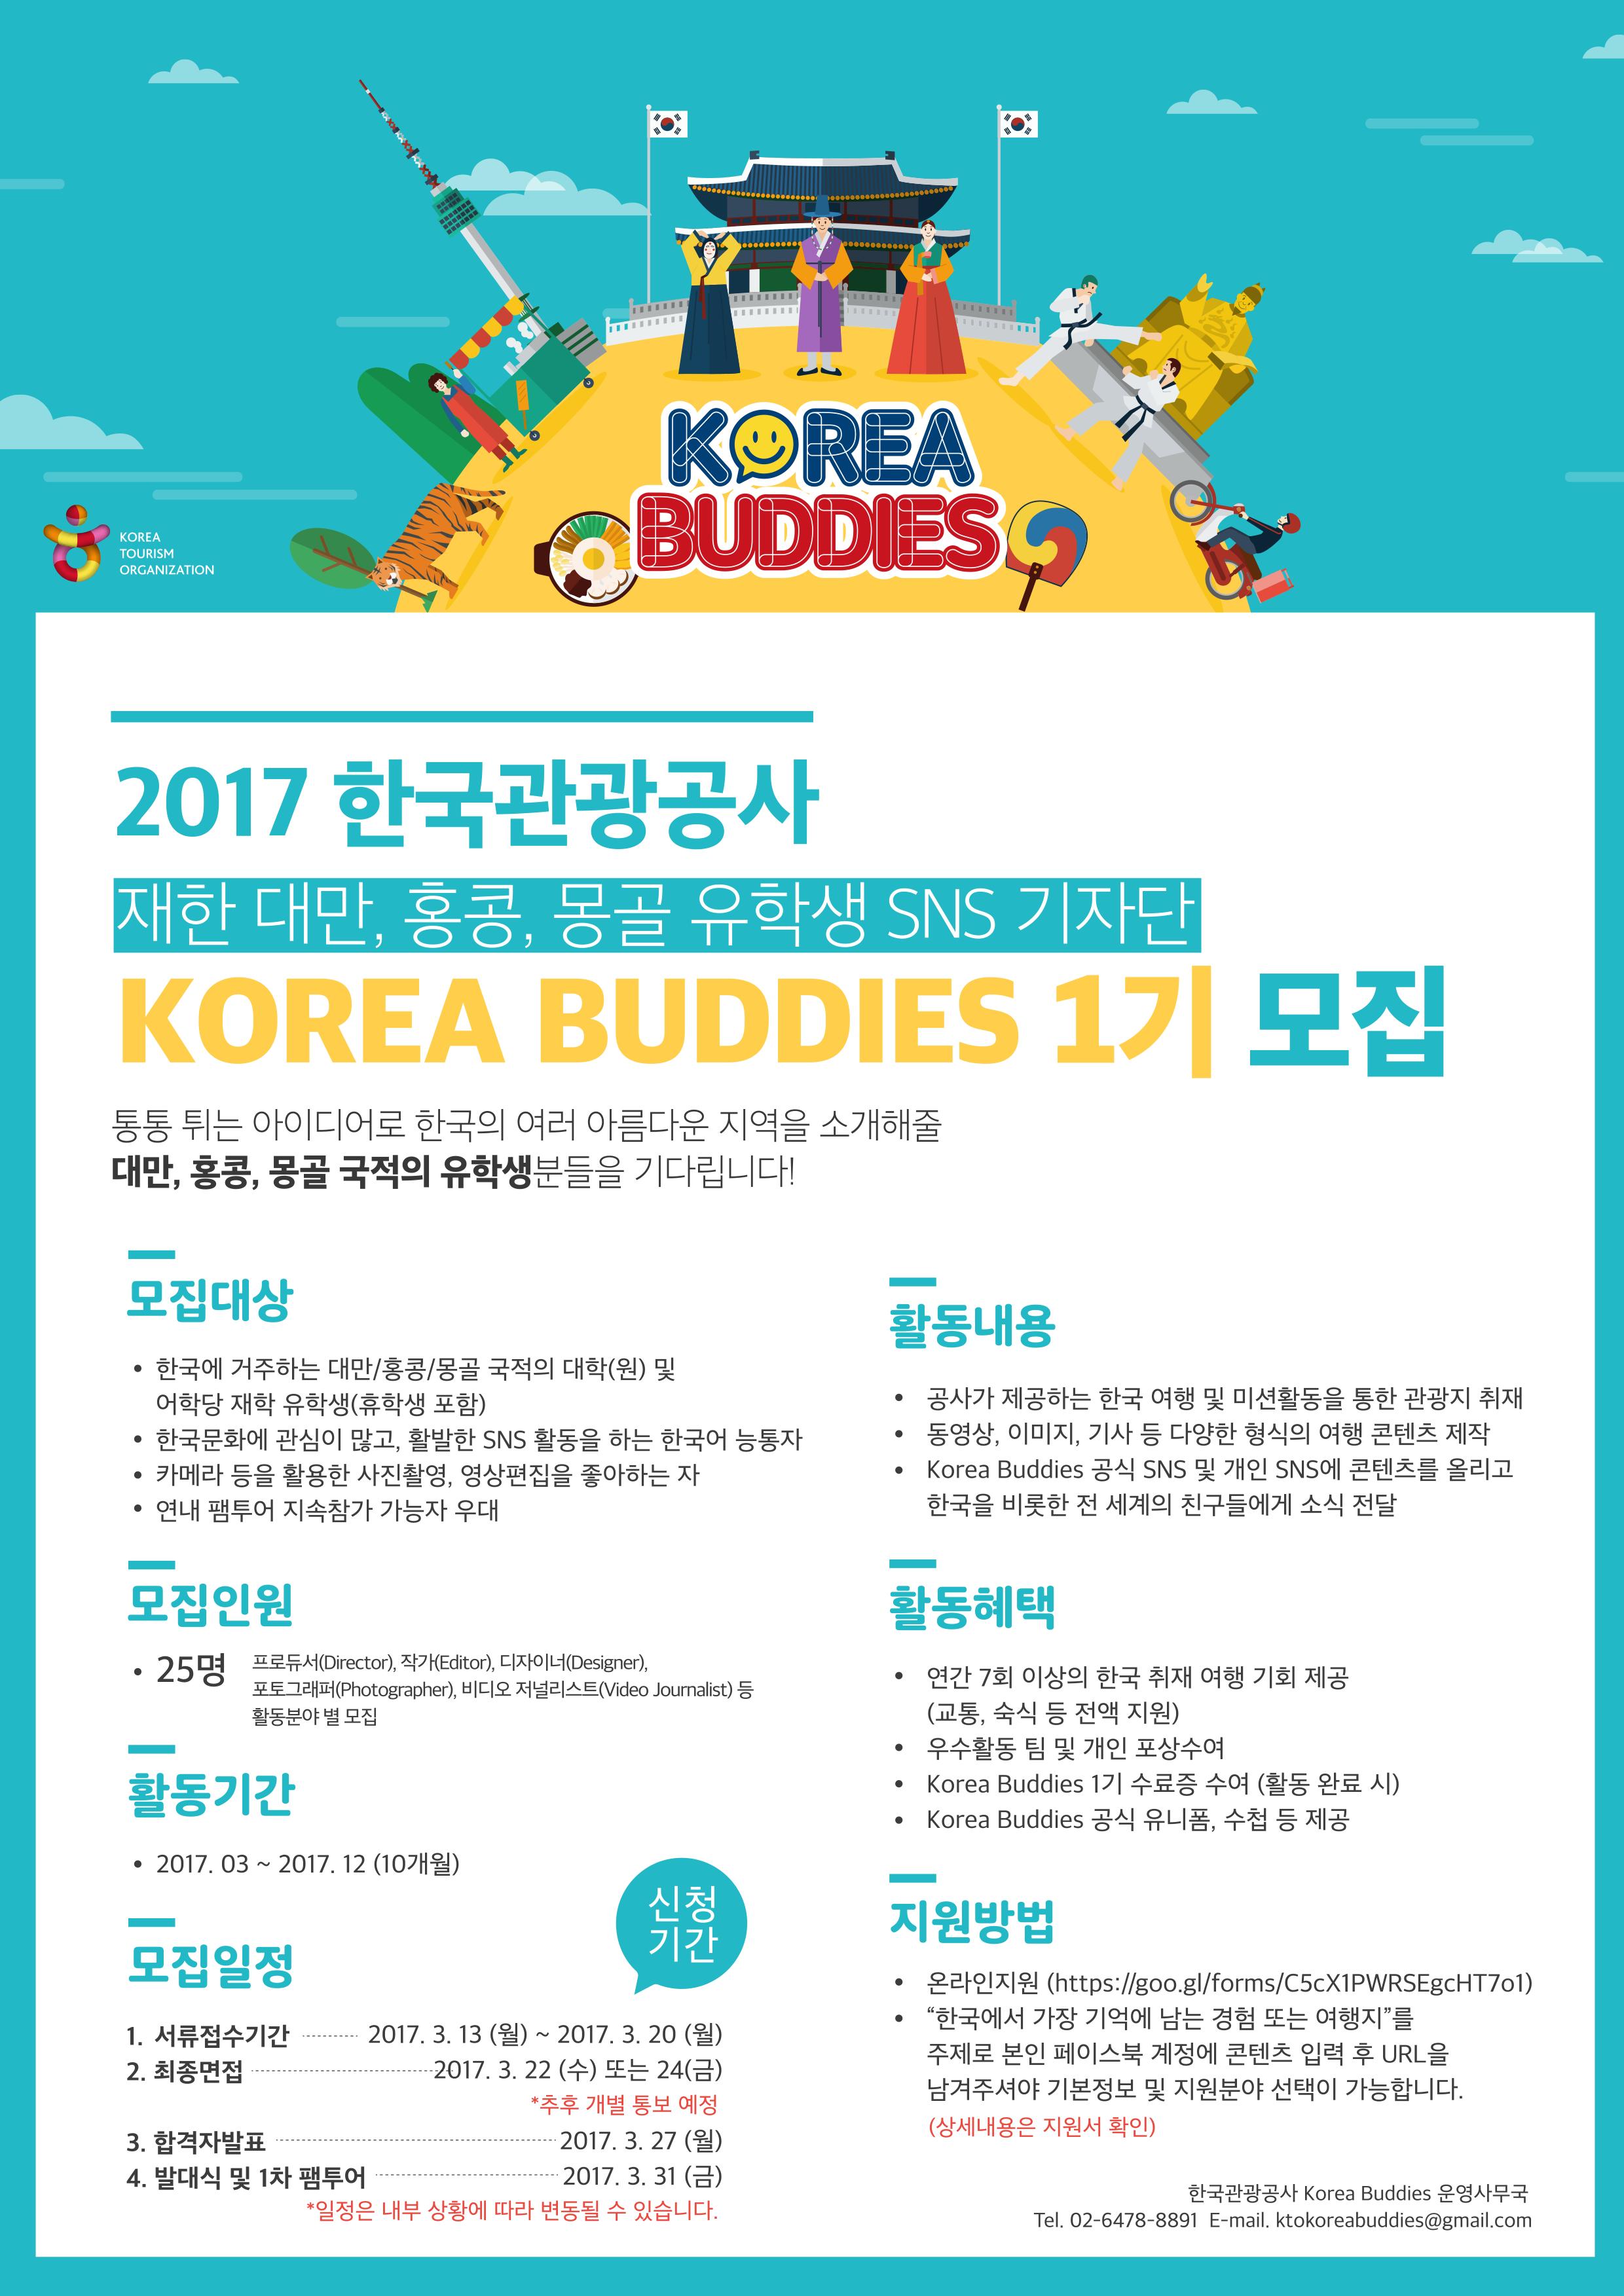 코리아버디스 모집공고문(최종).png